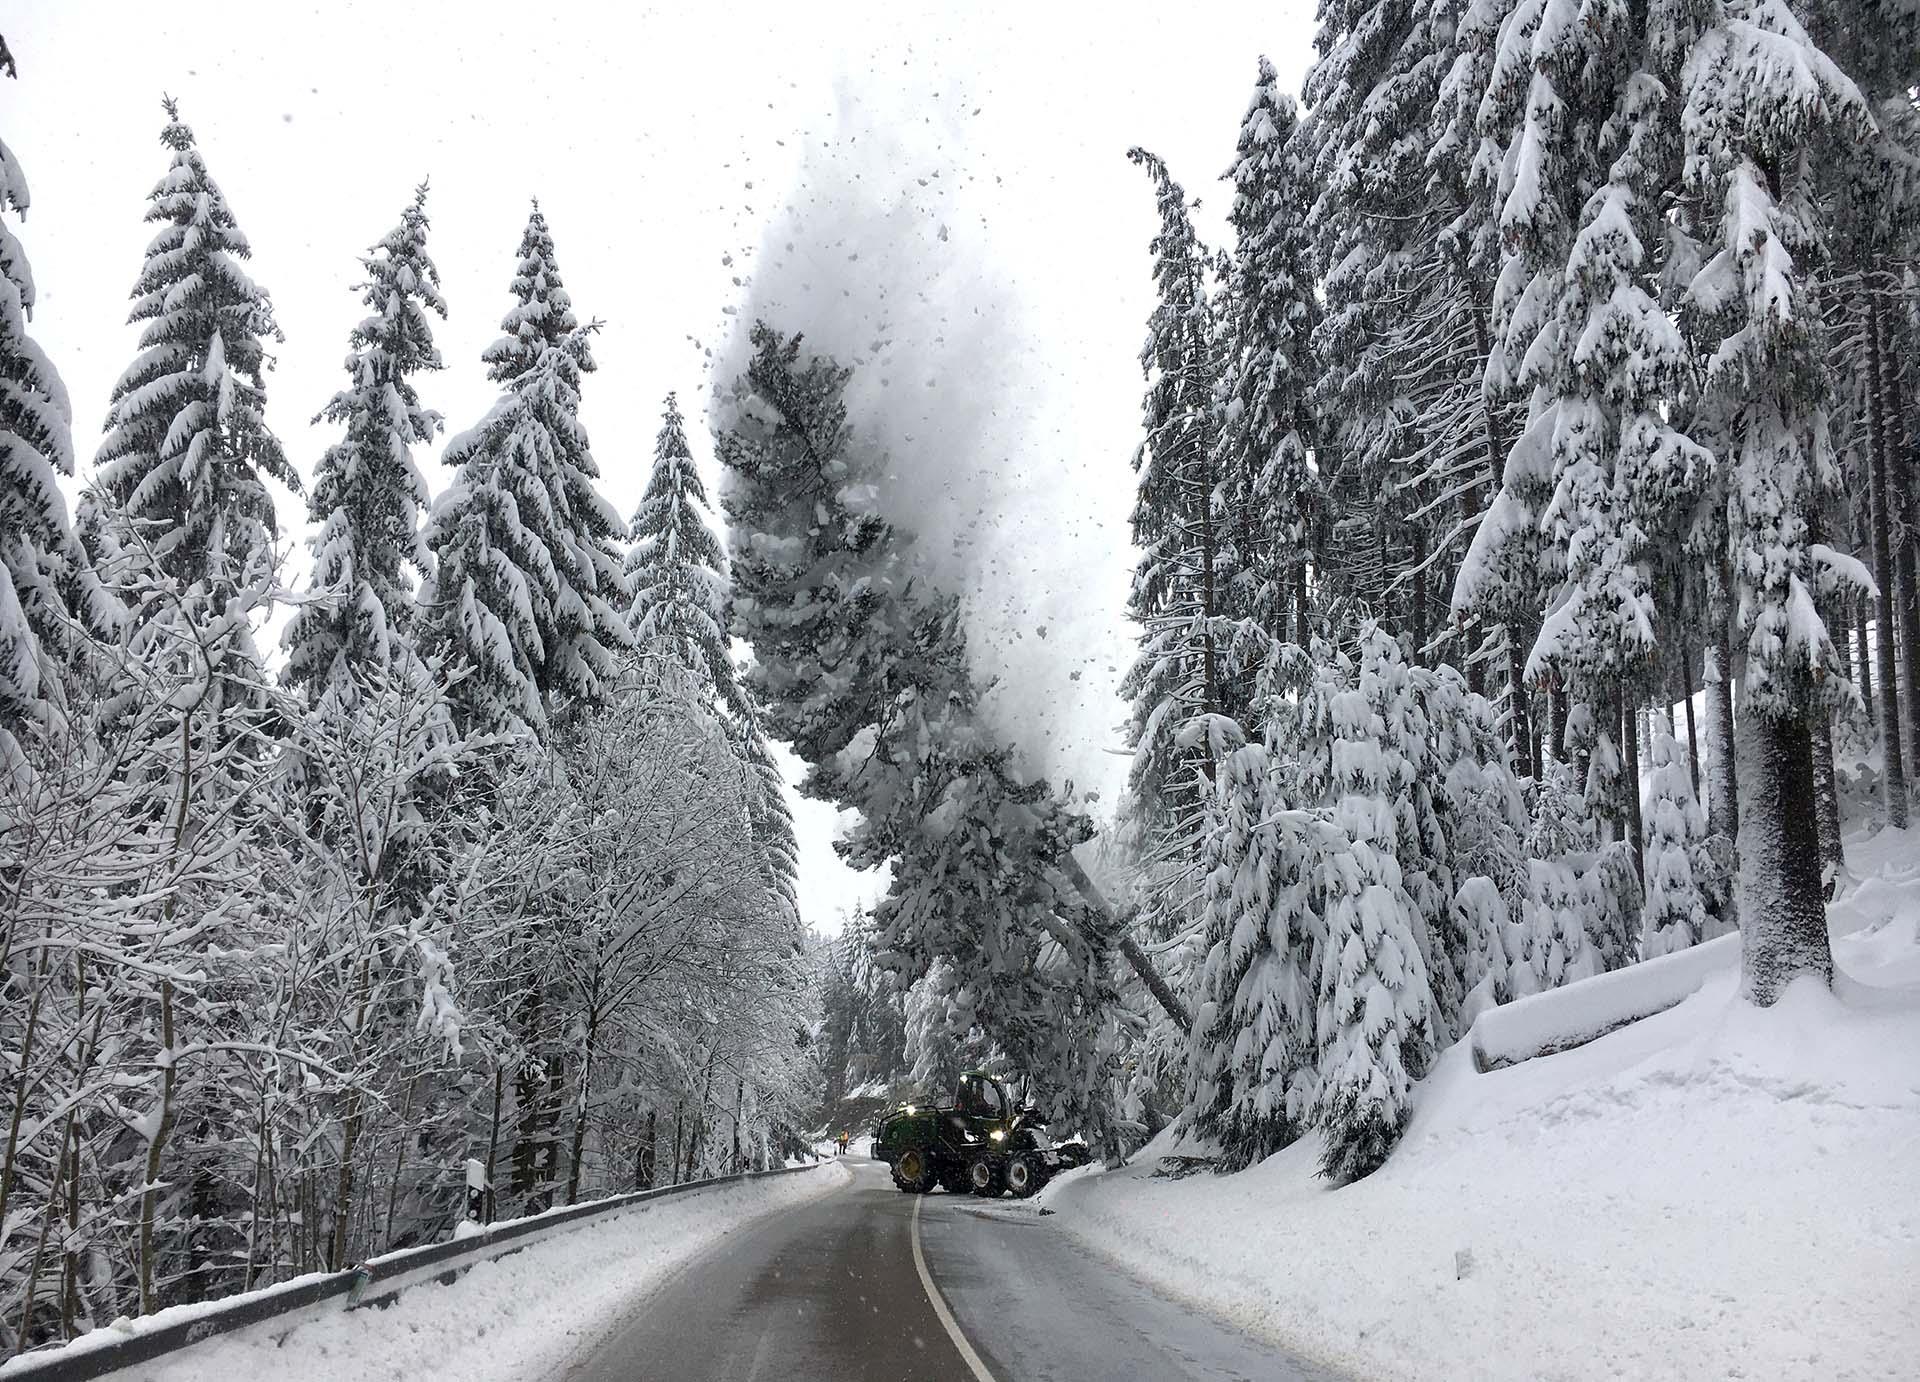 Trabajadores tiran abajo un árbol con nieve cerca de una carretera en Altenberg, Alemania (REUTERS/Oliver Barth TPX IMAGES OF THE DAY)